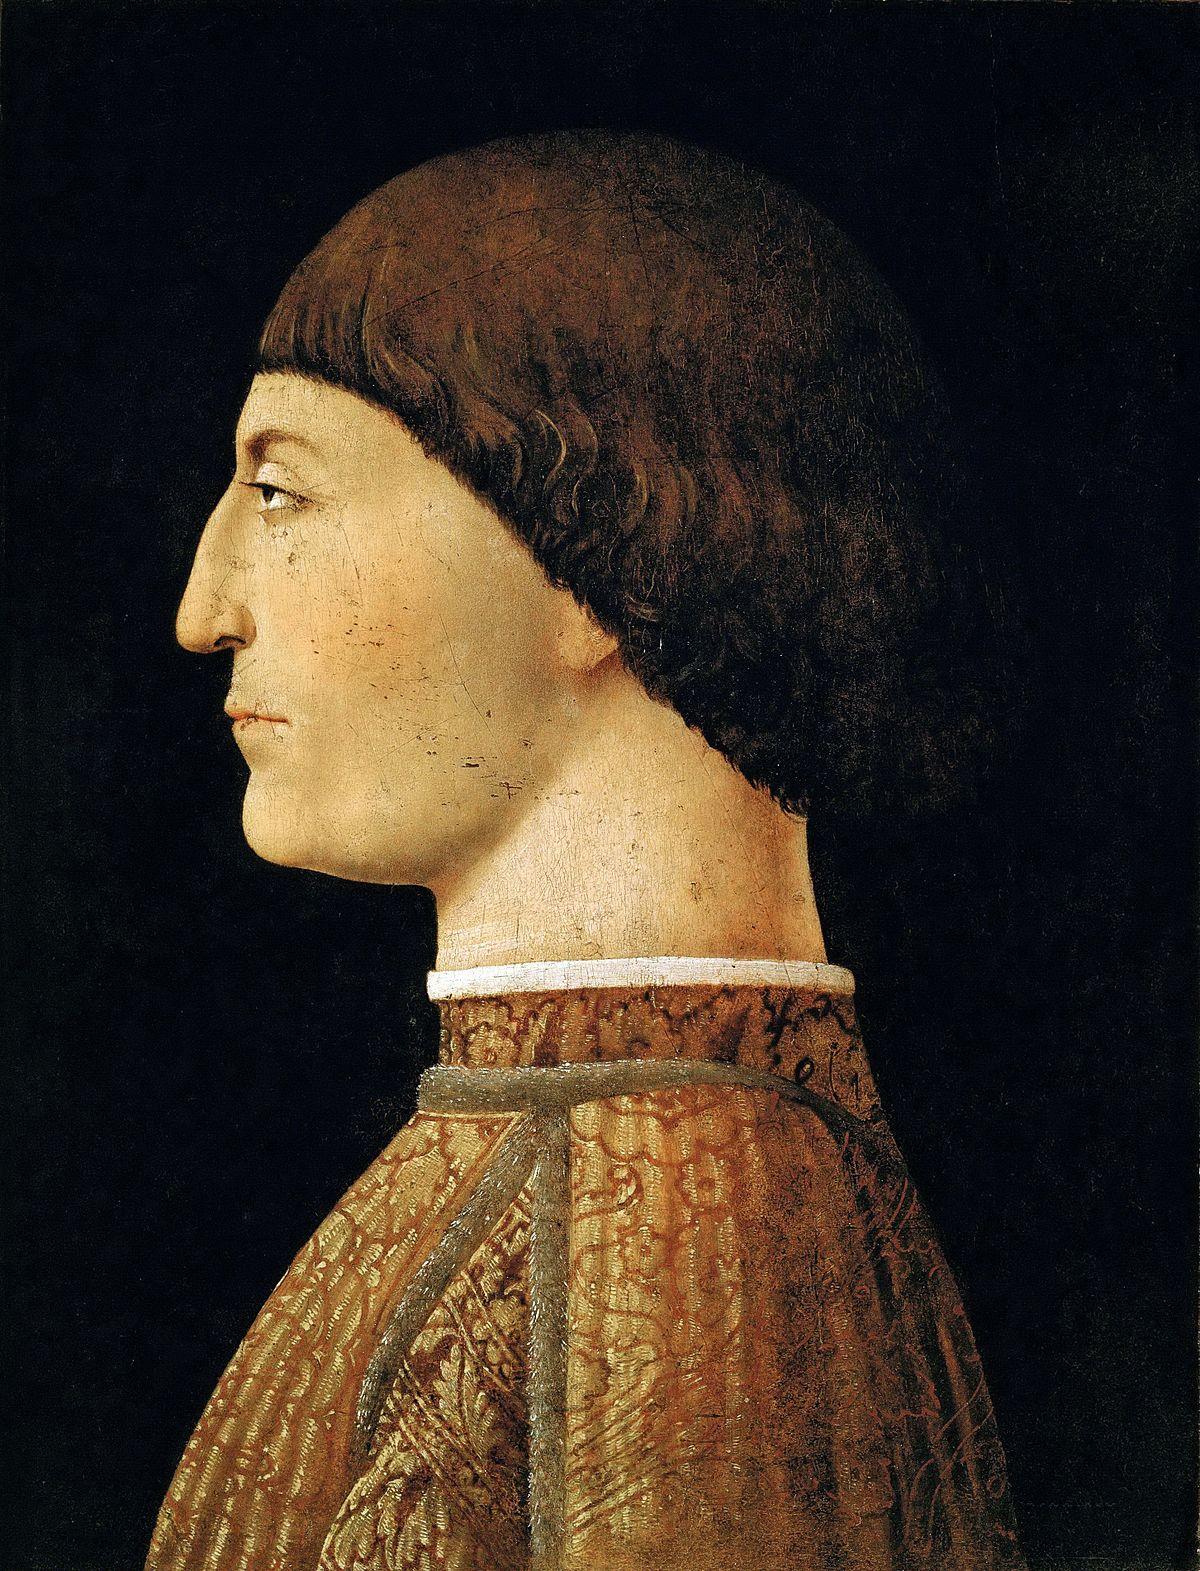 https://upload.wikimedia.org/wikipedia/commons/thumb/5/5e/Piero%2C_ritratto_di_sigismondo_malatesta.jpg/1200px-Piero%2C_ritratto_di_sigismondo_malatesta.jpg